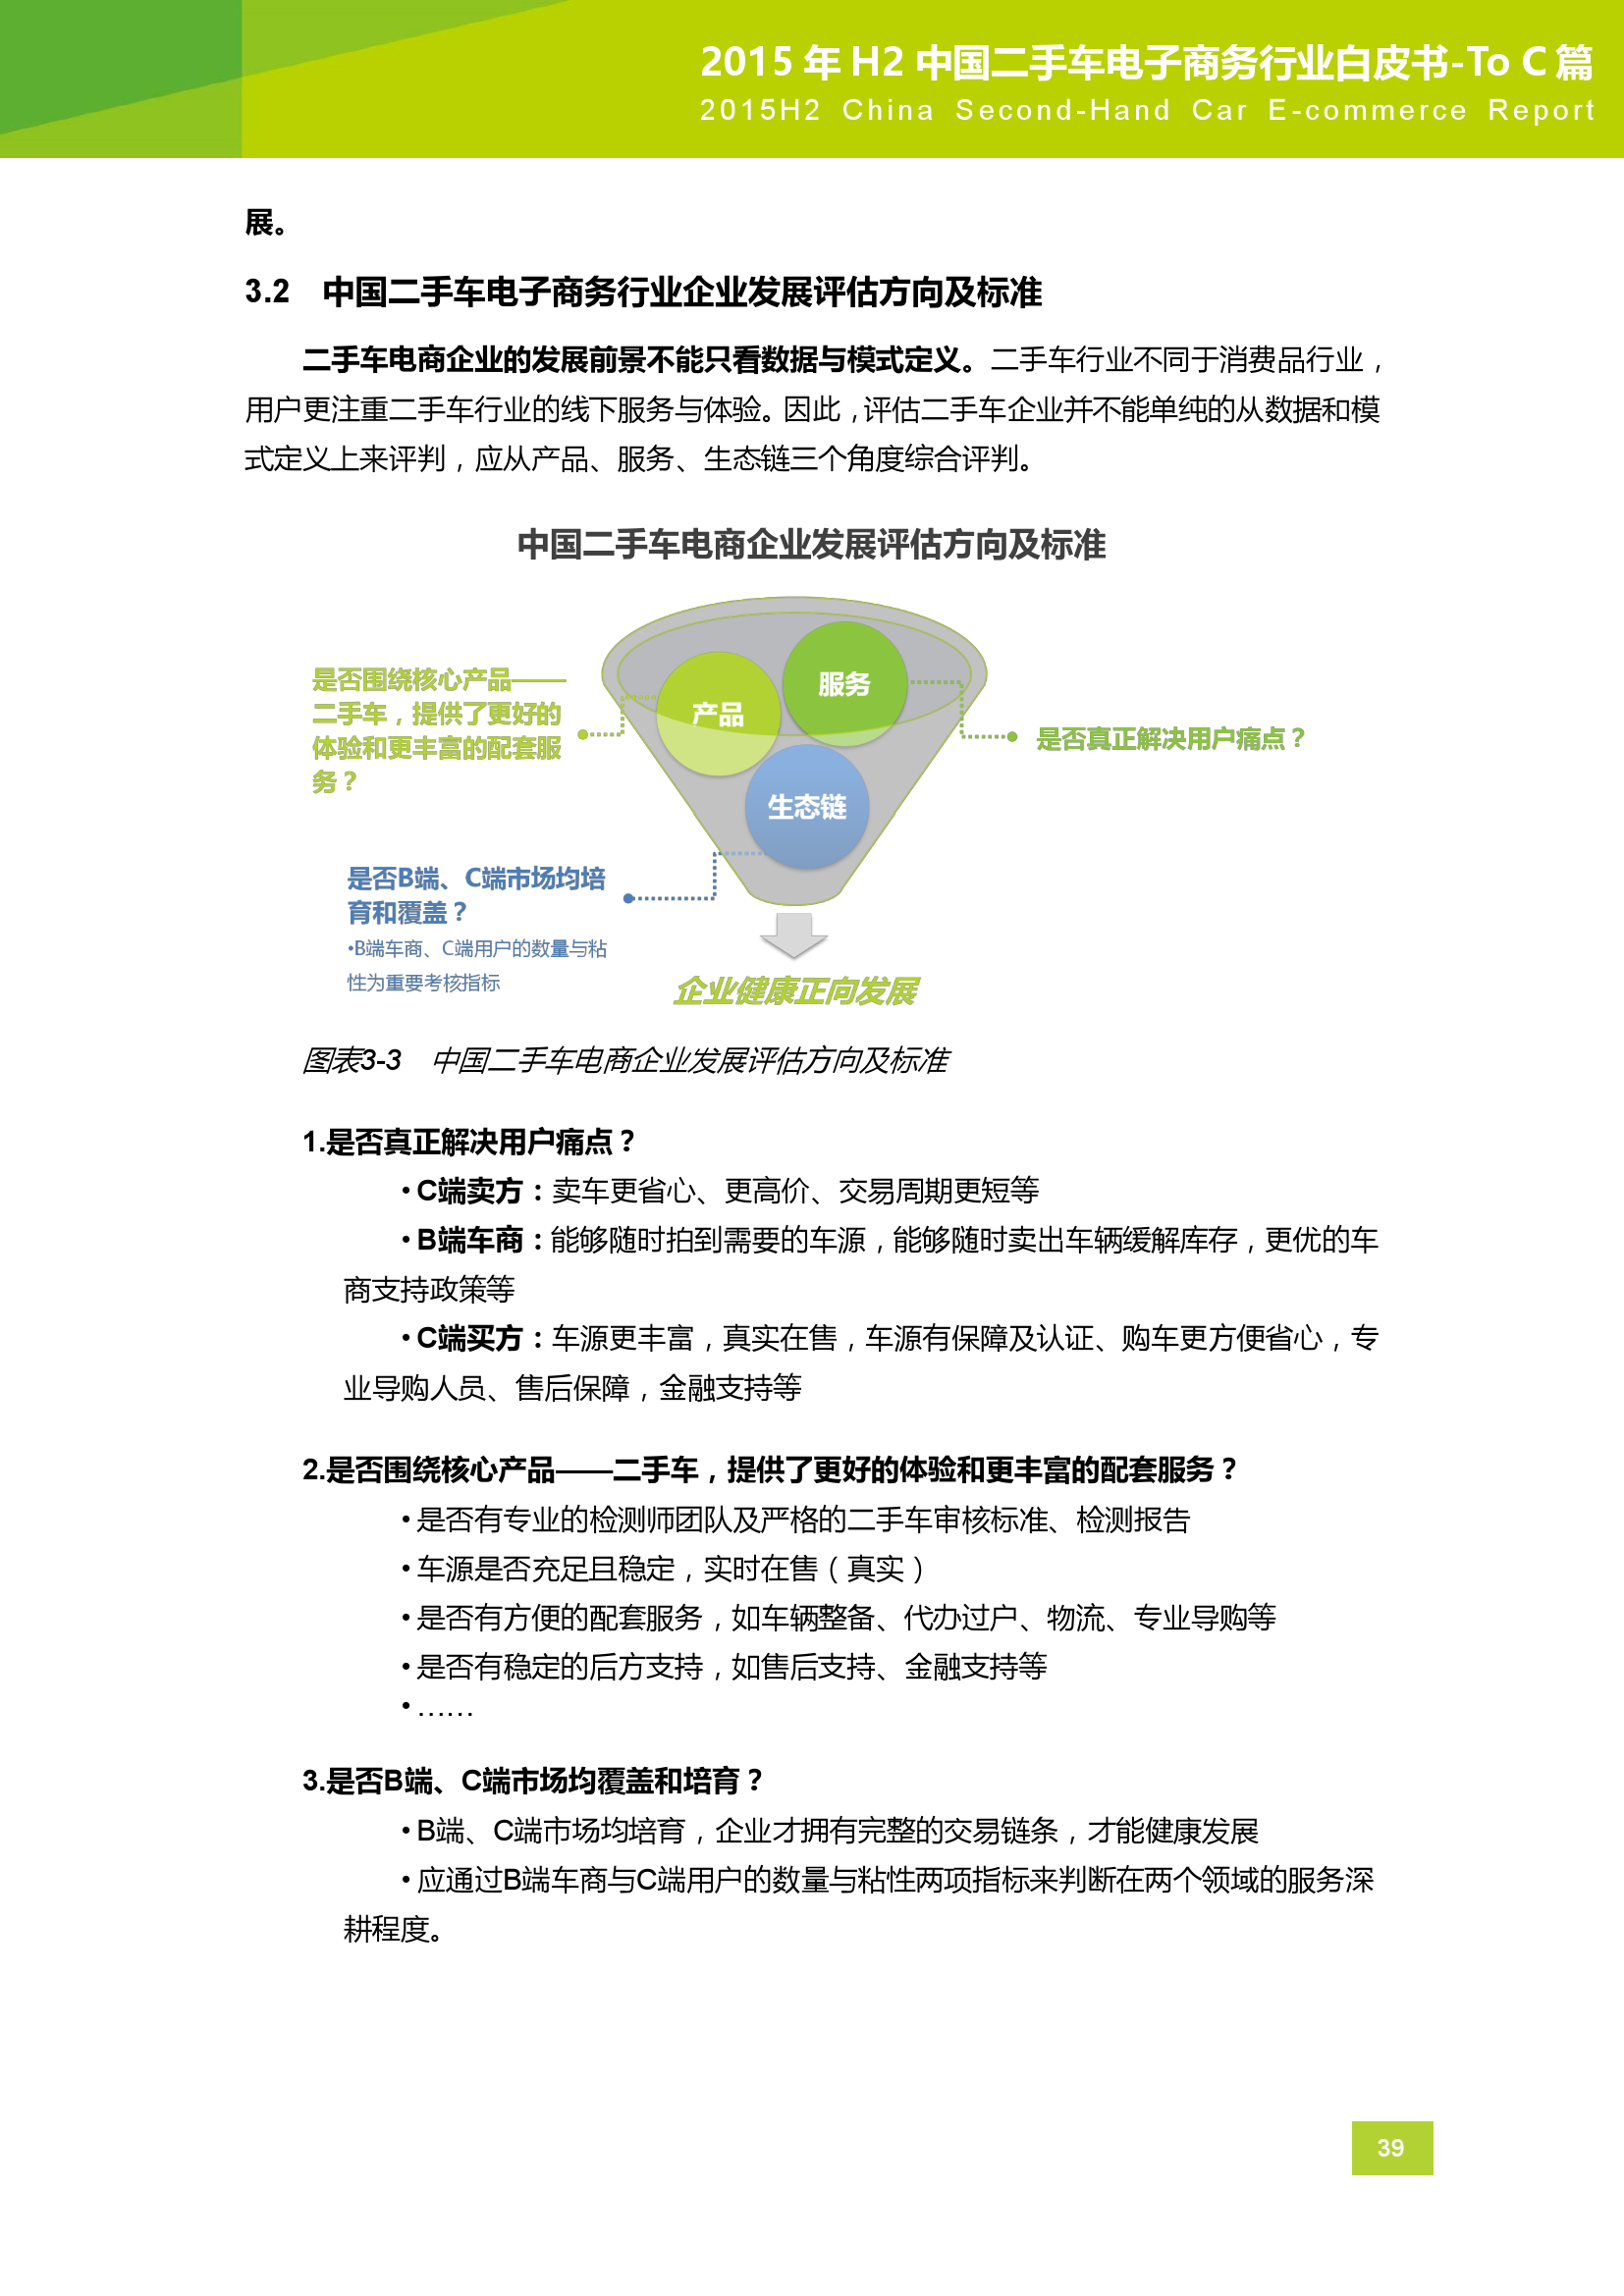 2015年H2中国二手车电子商务行业白皮书_000039